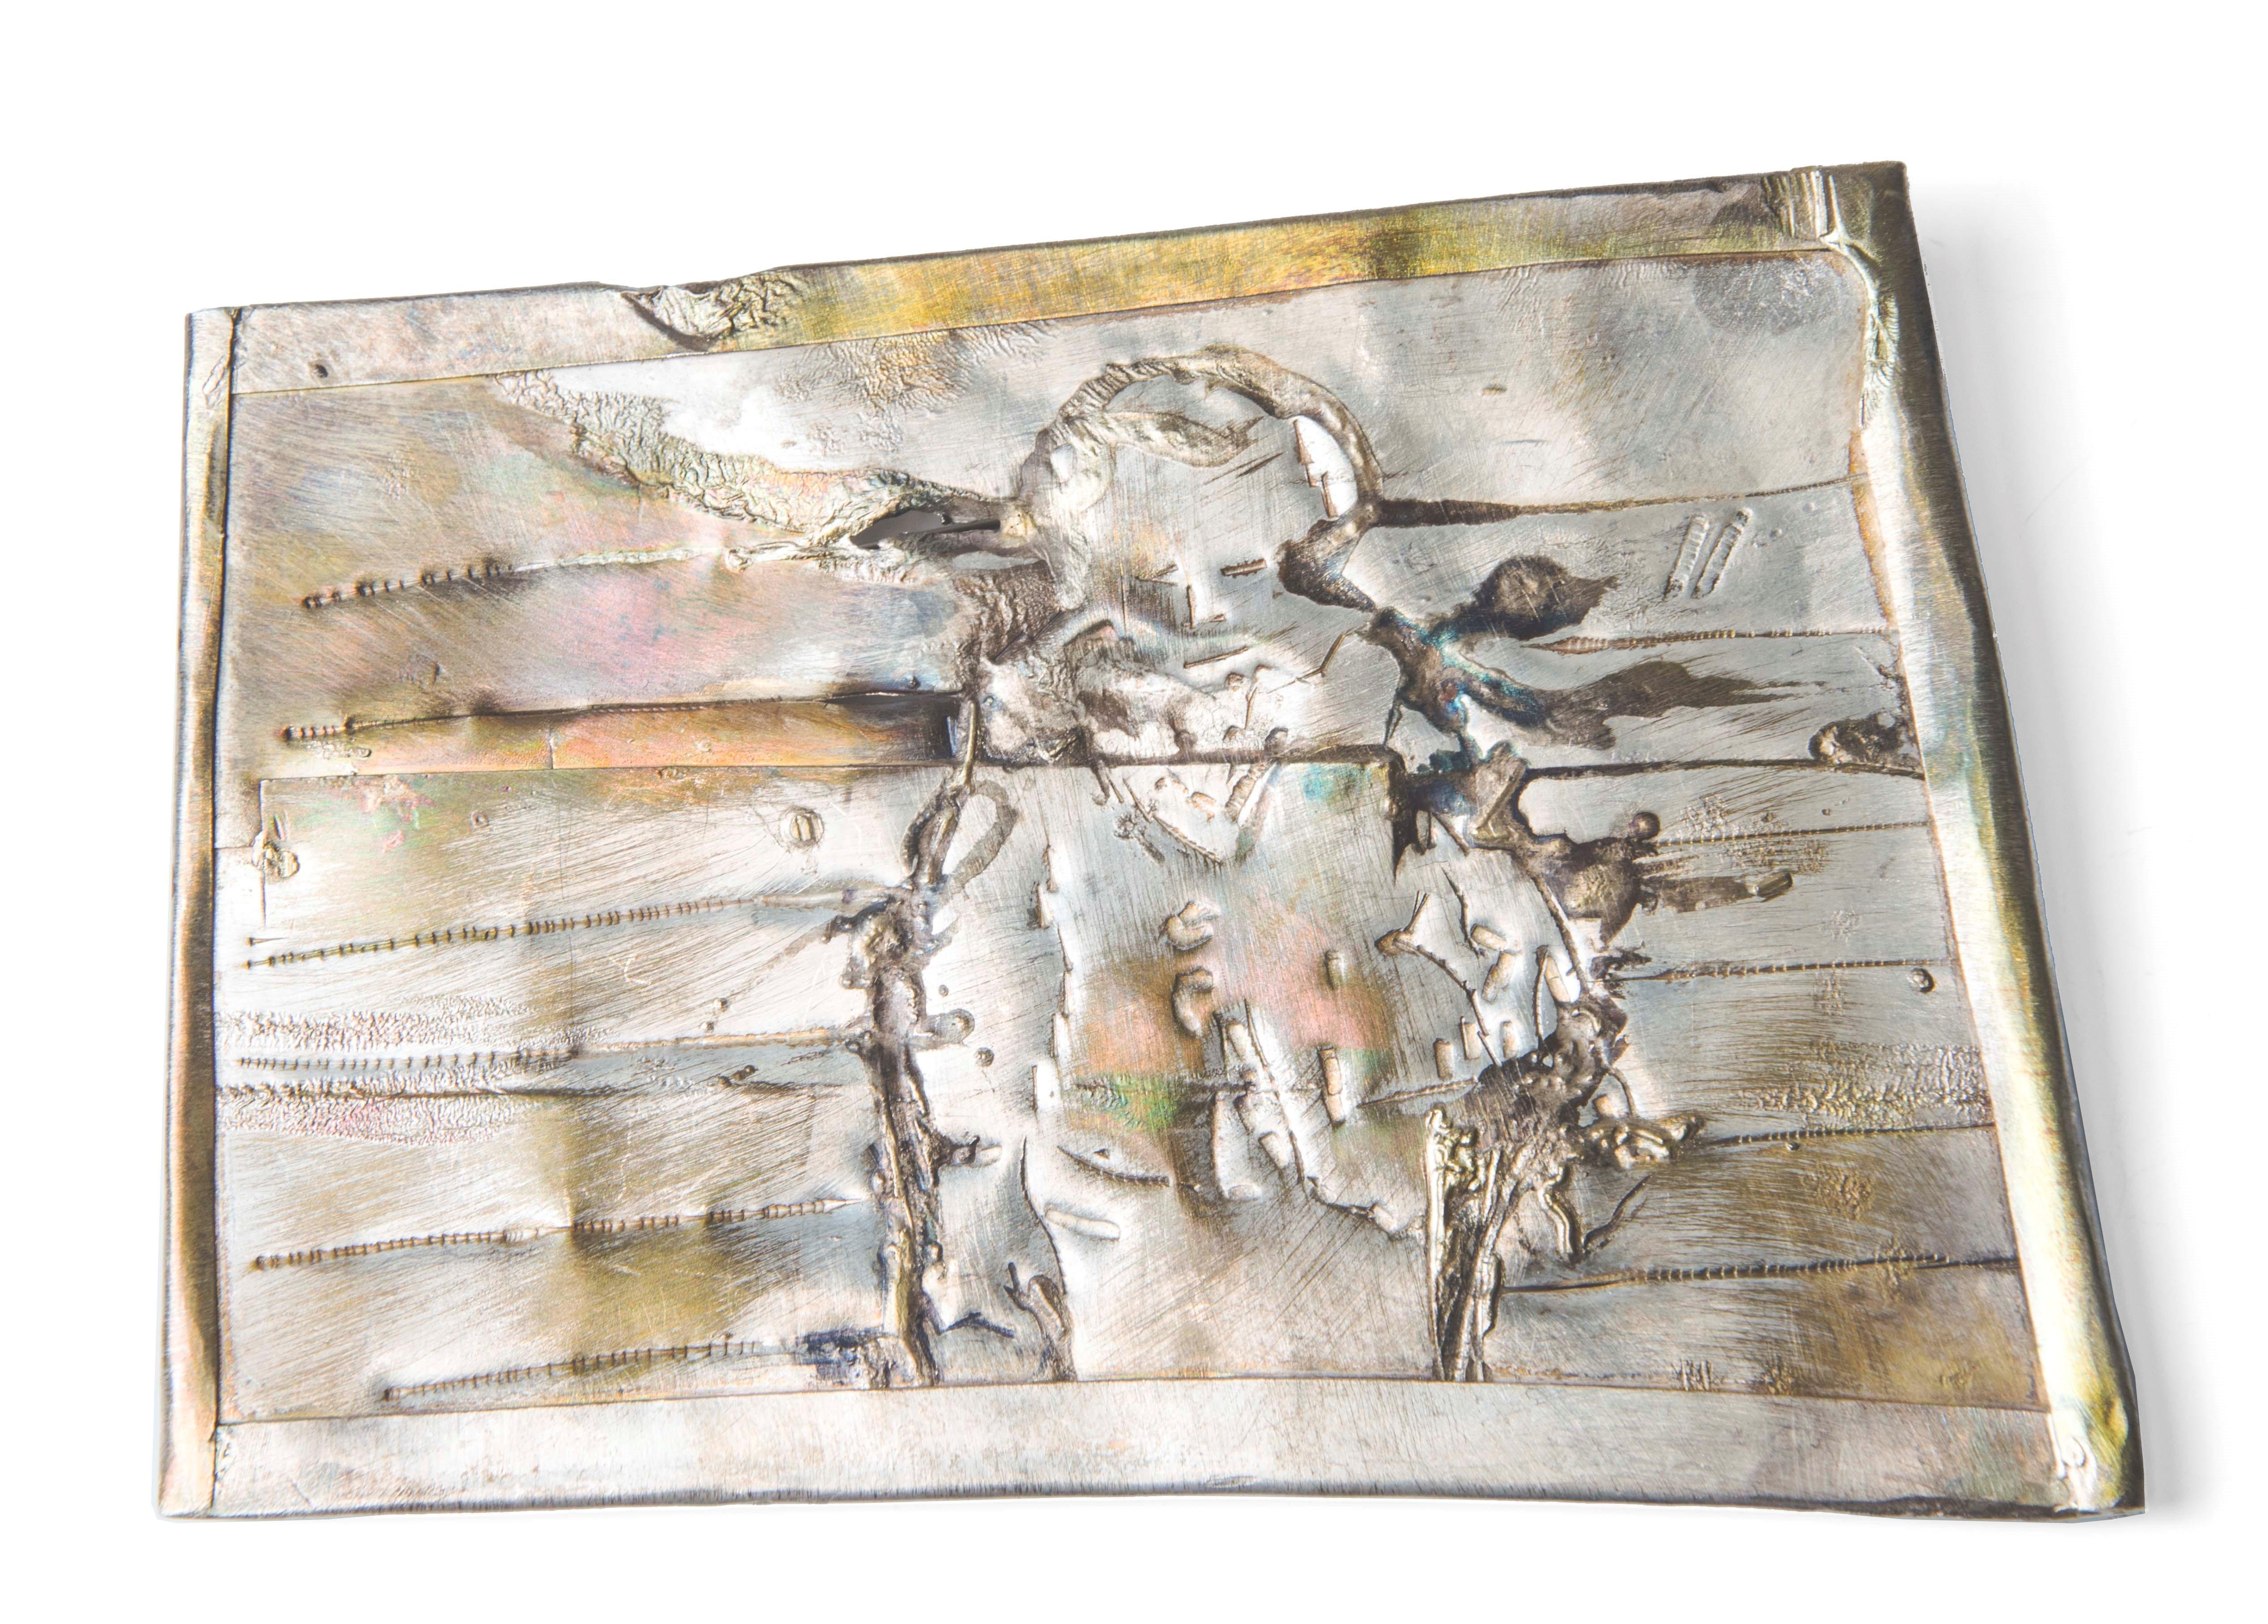 Rudolf Kocéa, Angela's lauf, broche, 2016. Collectie CODA, C005445. Foto met dank aan CODA©